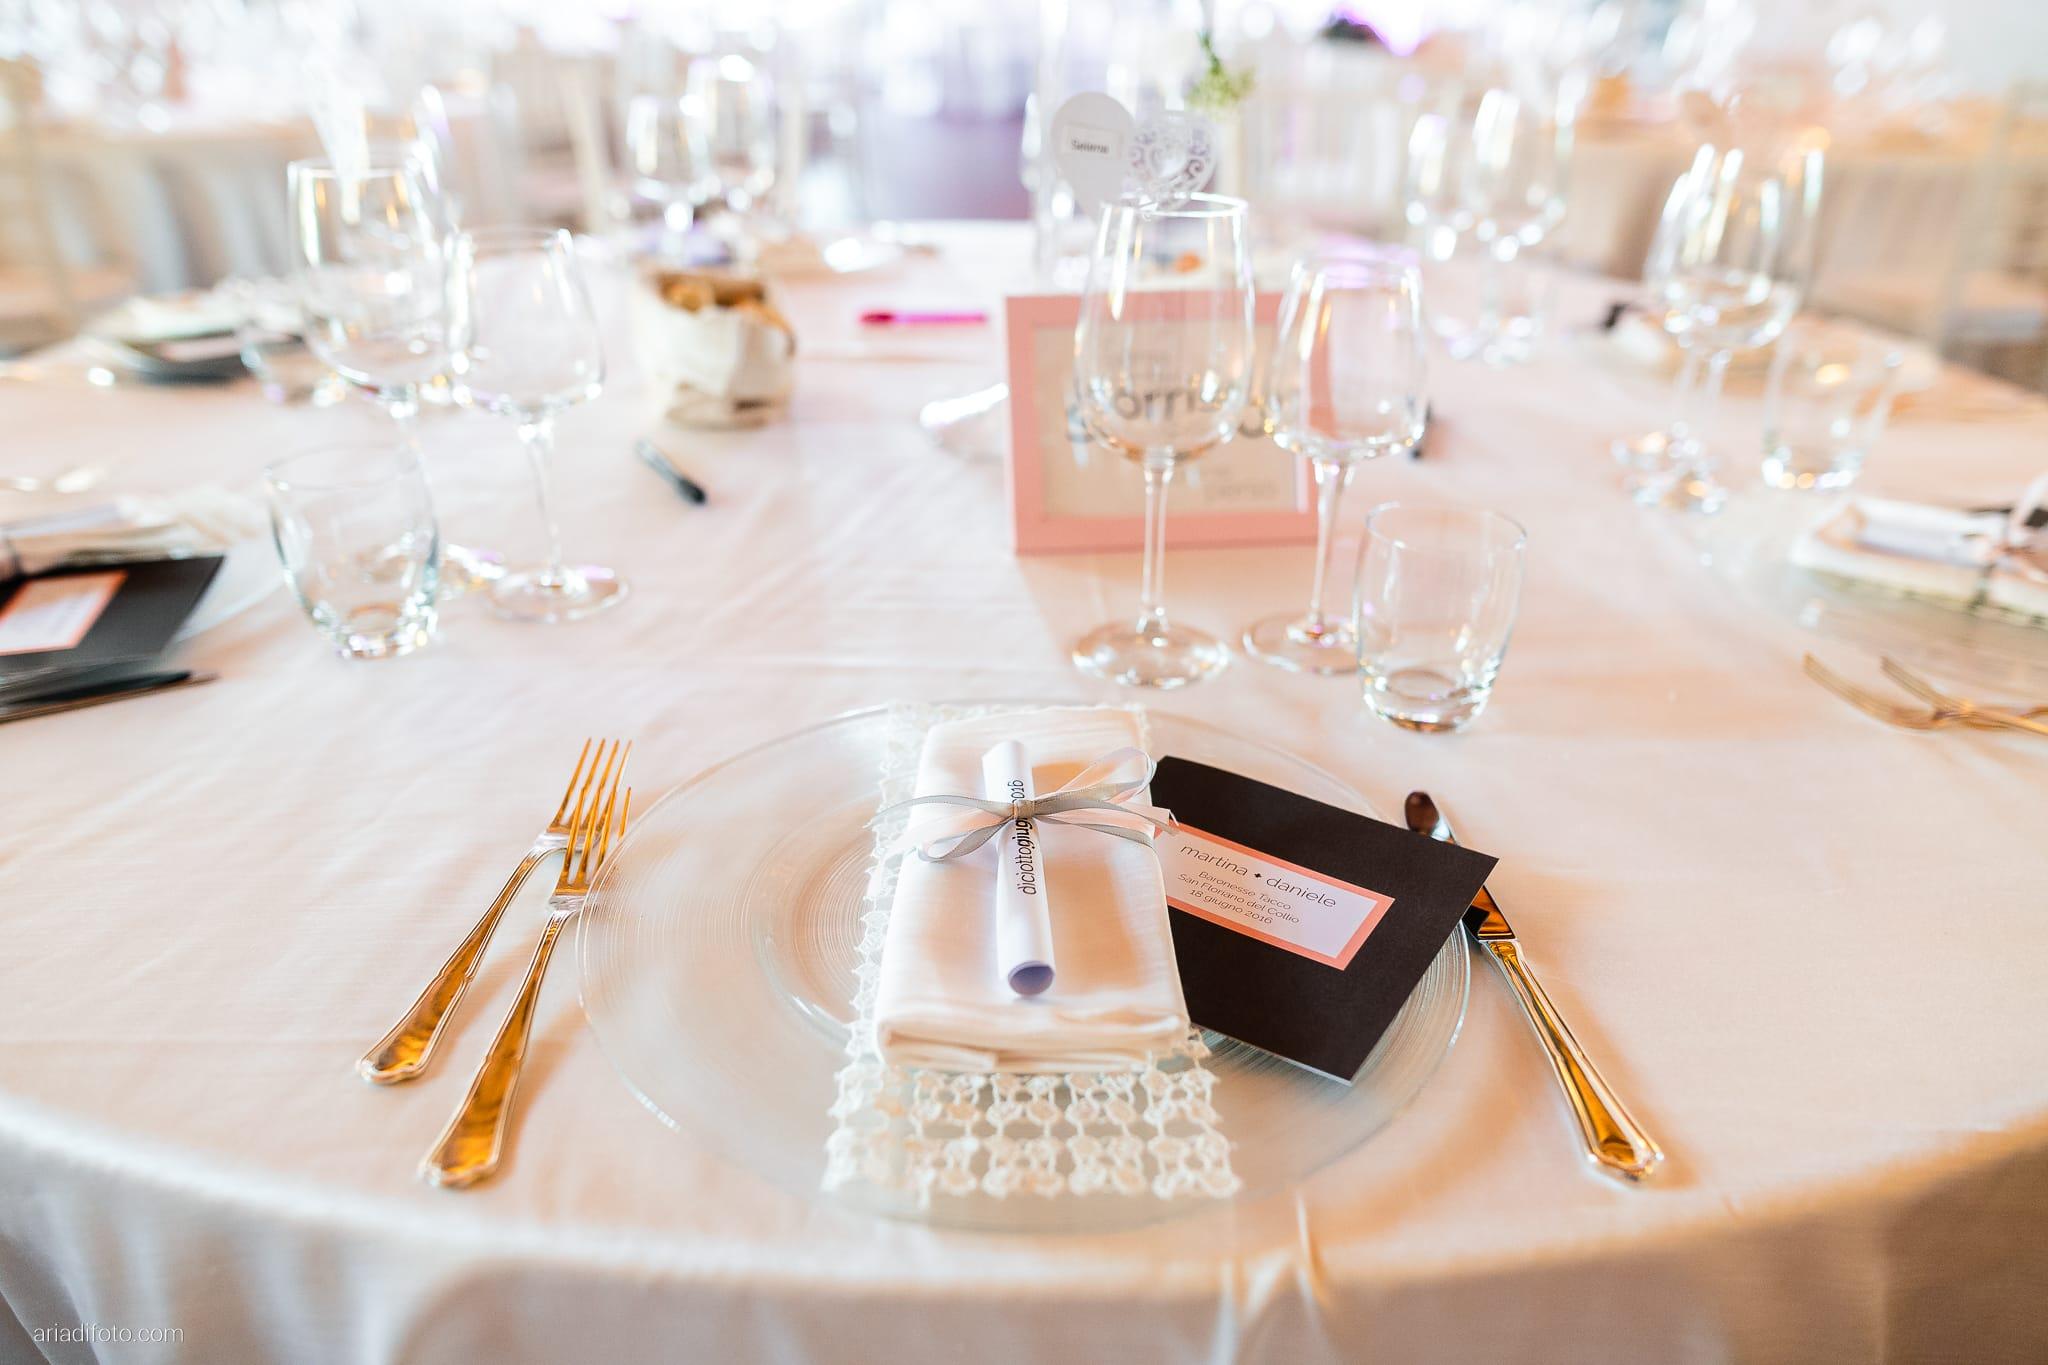 Martina Daniele Matrimonio Duino Baronesse Tacco Collio Gorizia ricevimento dettagli decorazioni allestimenti centrotavola menu